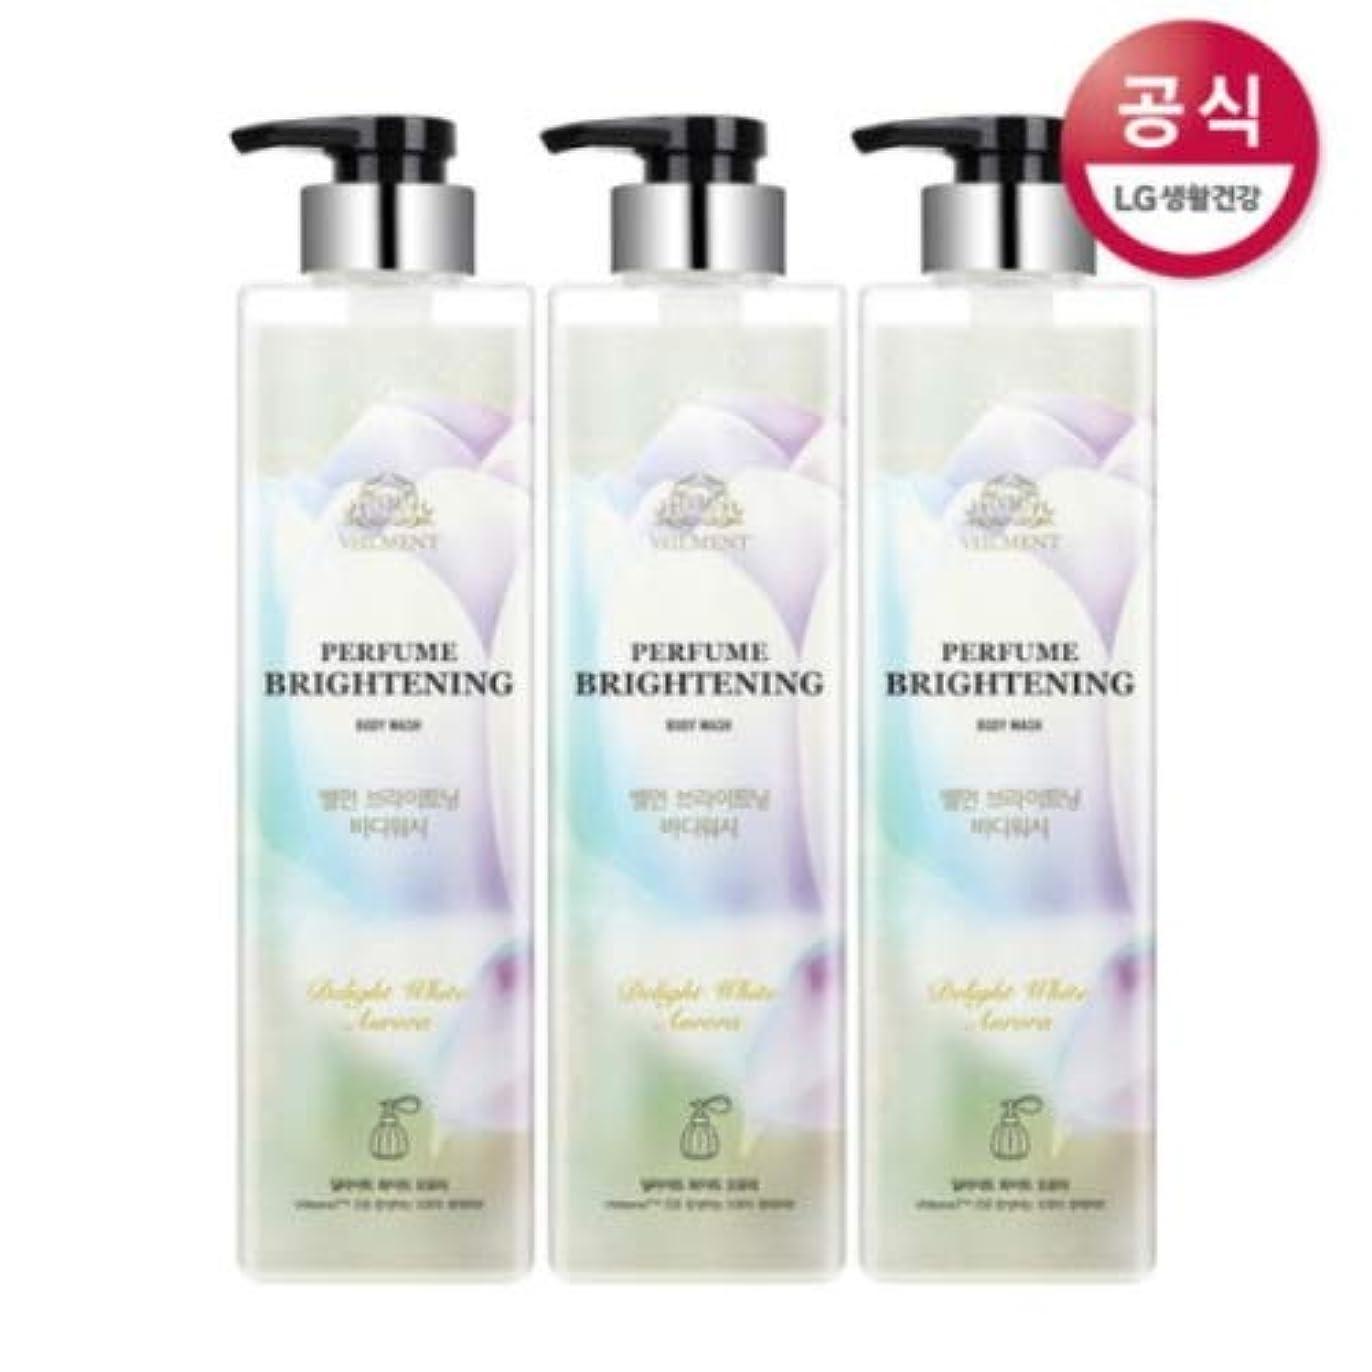 構成偽善平均[LG HnB] On the Body Belman Perfume Brightening Body Wash / オンザボディベルモンパフュームブライトニングボディウォッシュ680mlx3個(海外直送品)